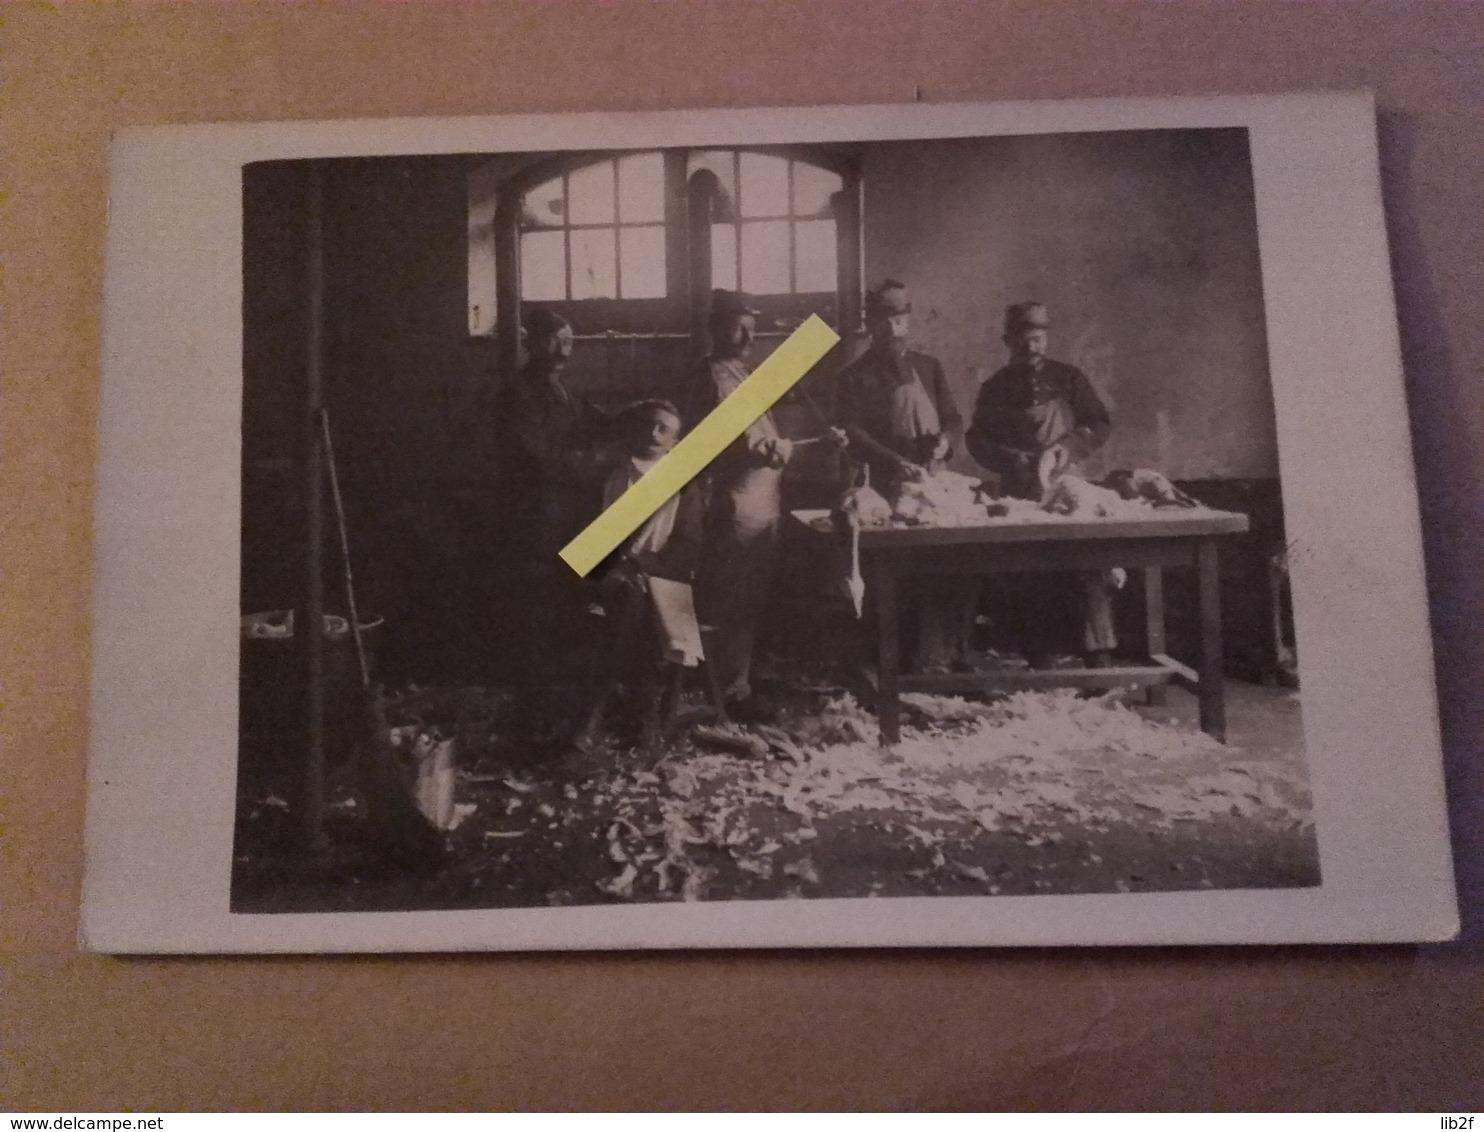 1914 1915 Amiens Somme Cuisine Préparation De Volailles Le Barbier Coiffeur Poilus  Tranchées 1914 1918 14-18 - War, Military